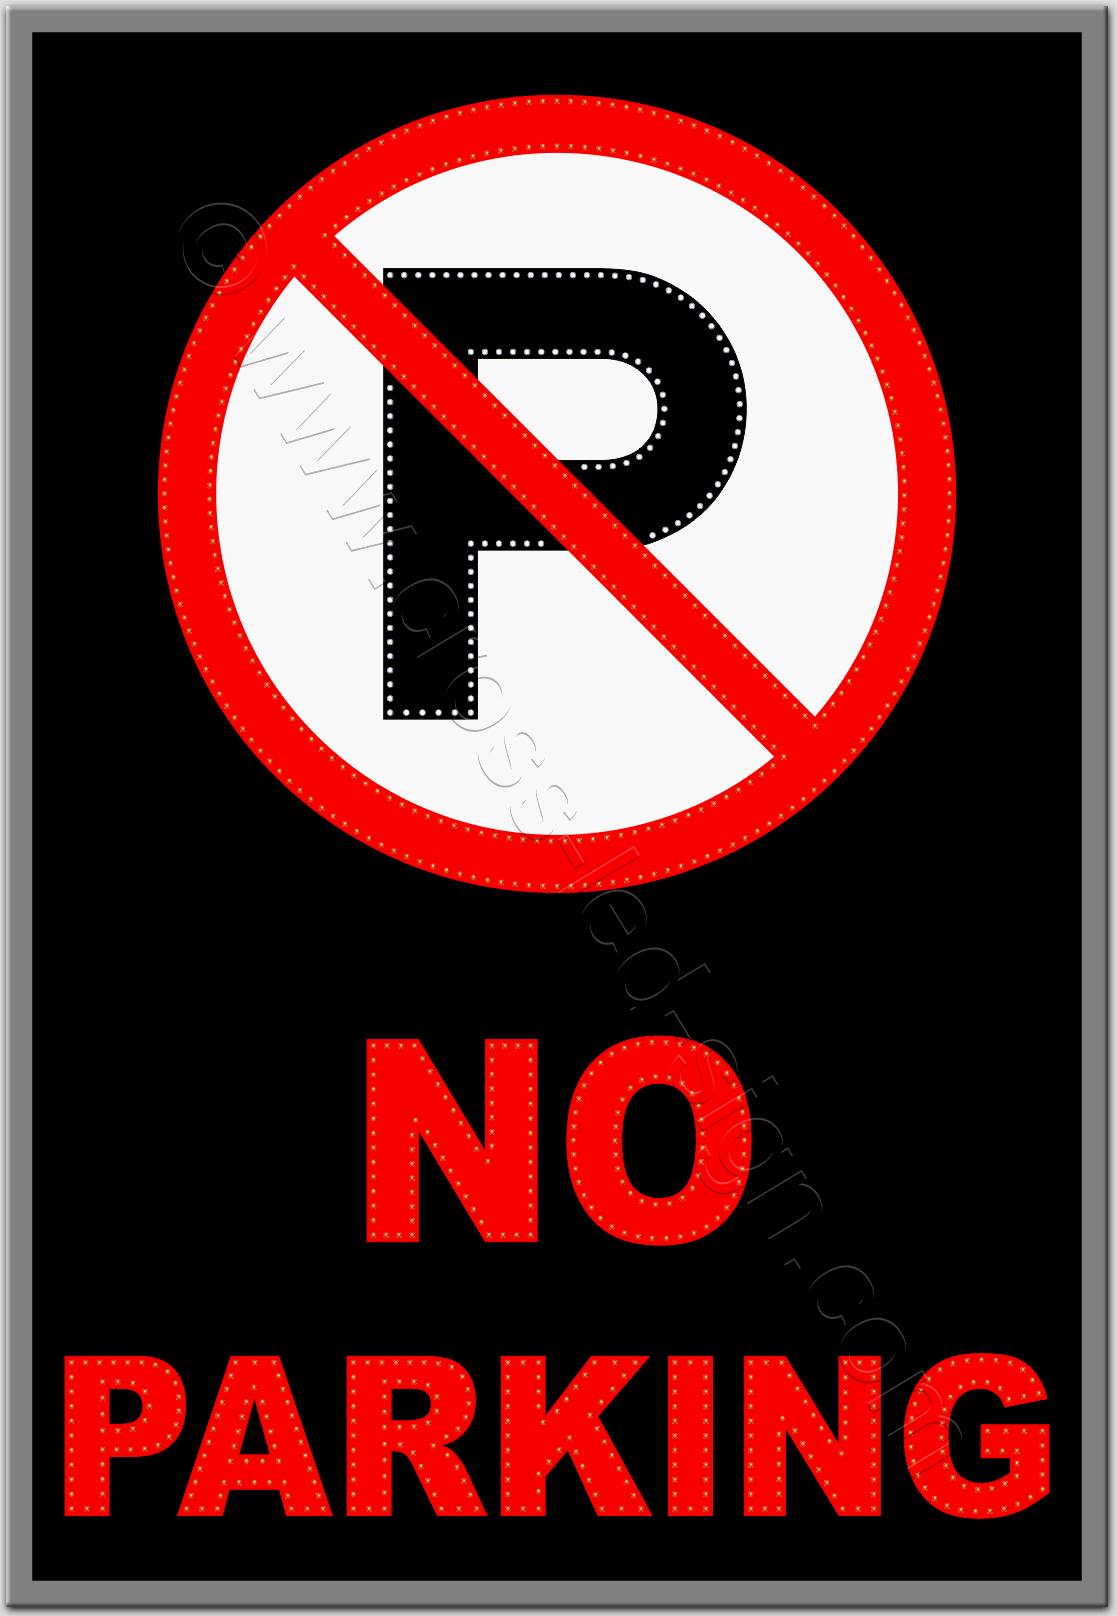 Επιγραφές καταστημάτων led no parking 4w.